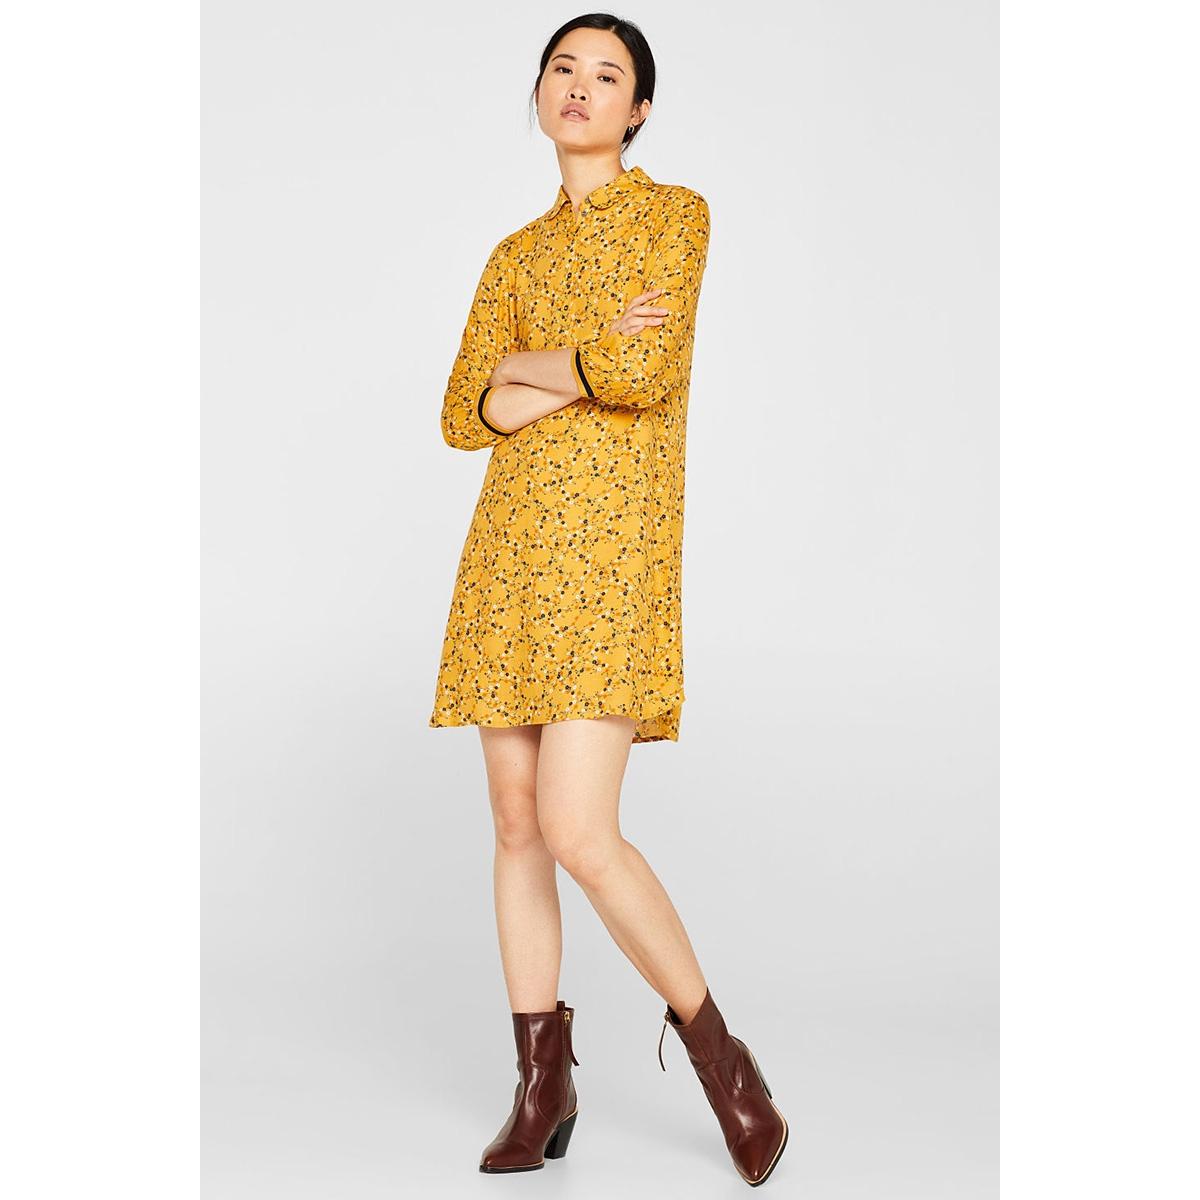 geweven jurk met jersey boordjes 099cc1e015 edc jurk c710